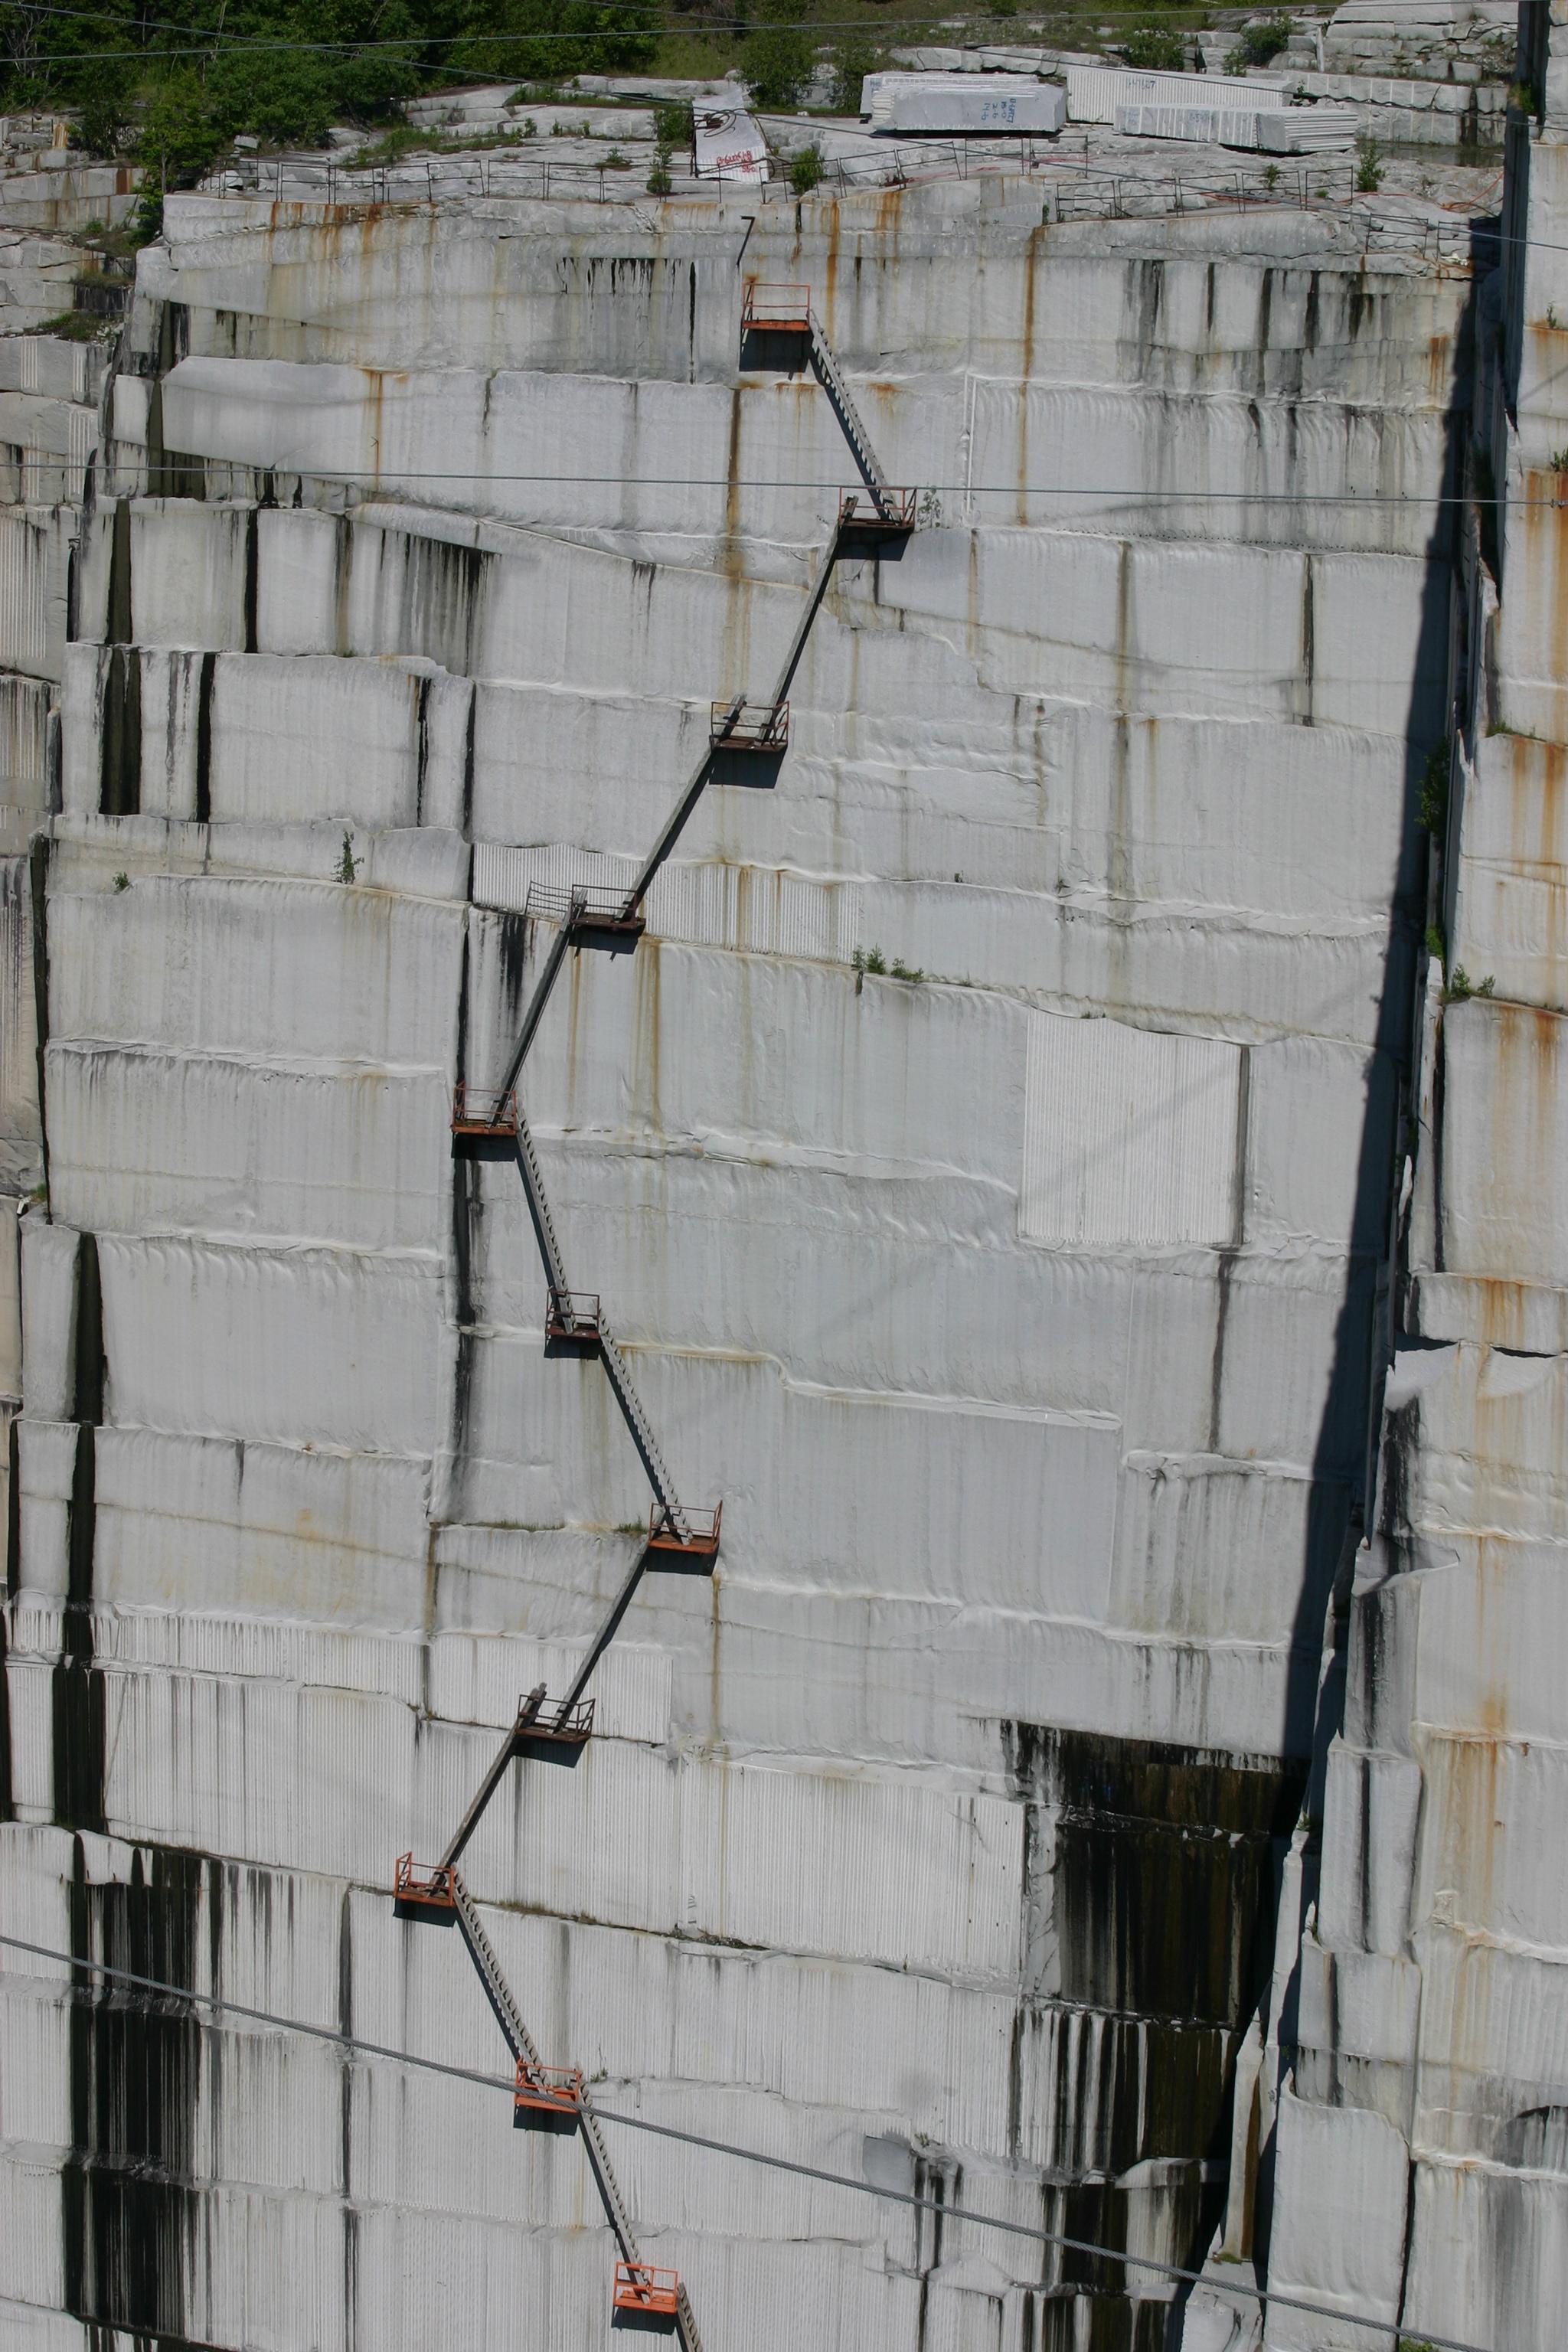 File:Rock of Ages Granite Quarry, Barre, VT (4755762138).jpg ...